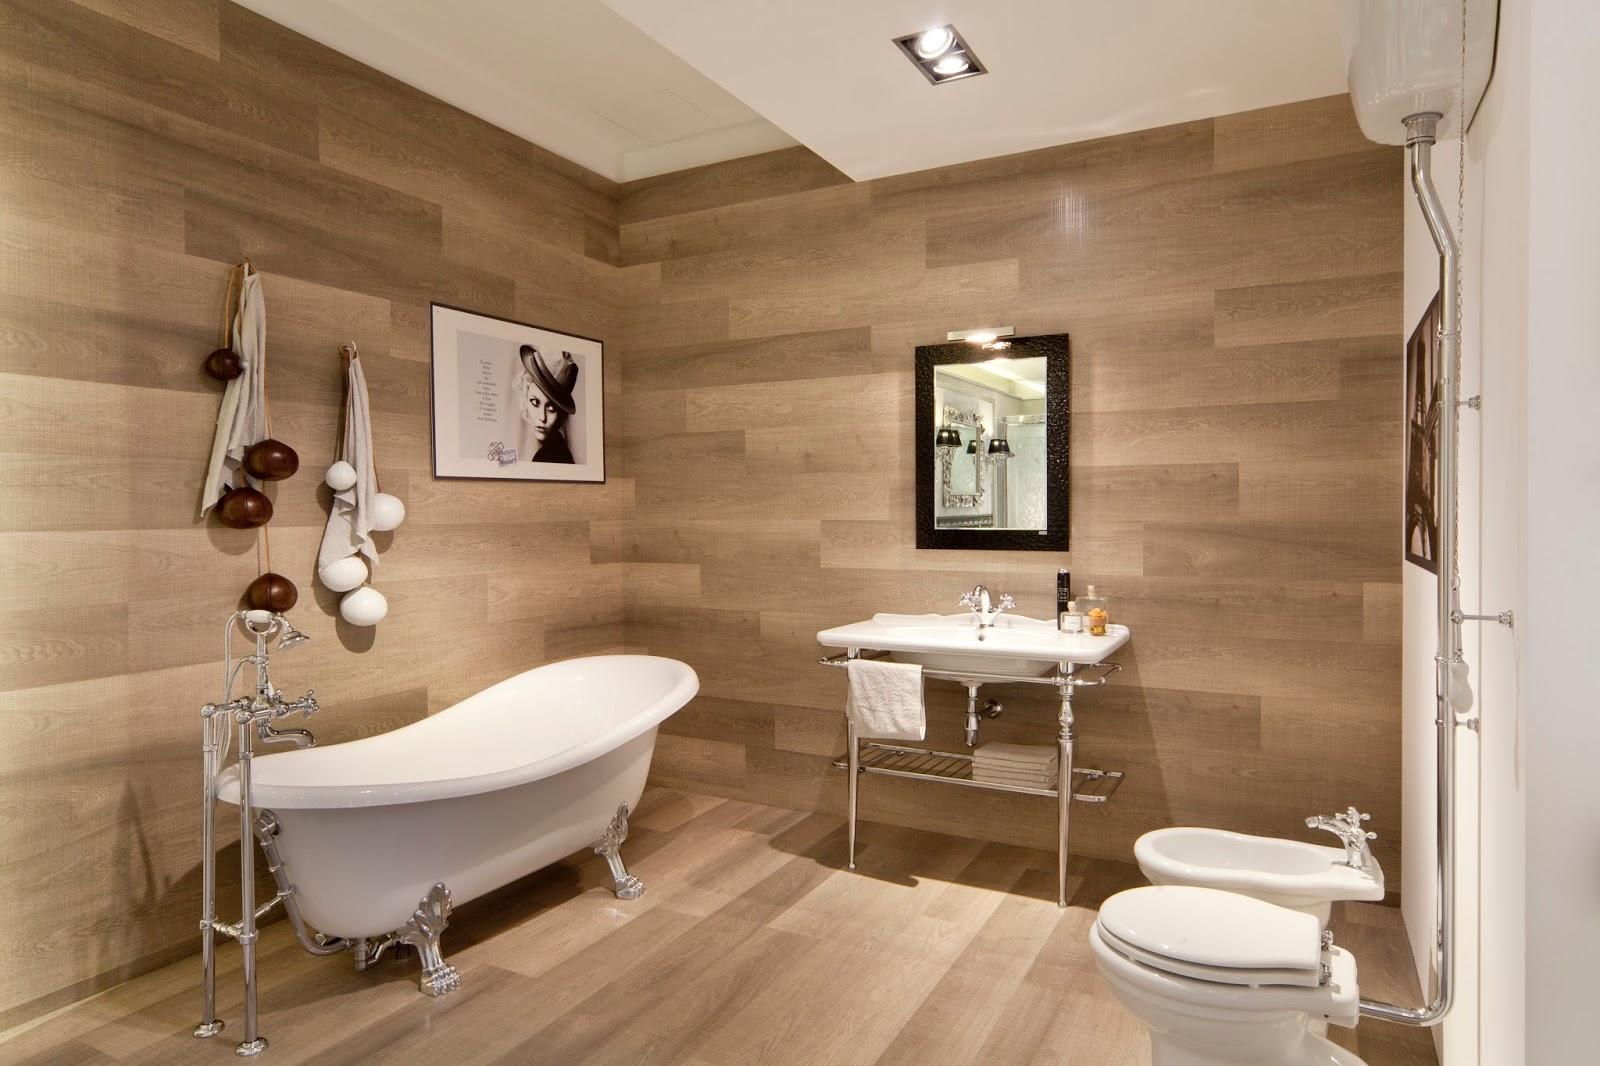 Ristrutturare bagno da soli un bagno più comodo anche per anziani